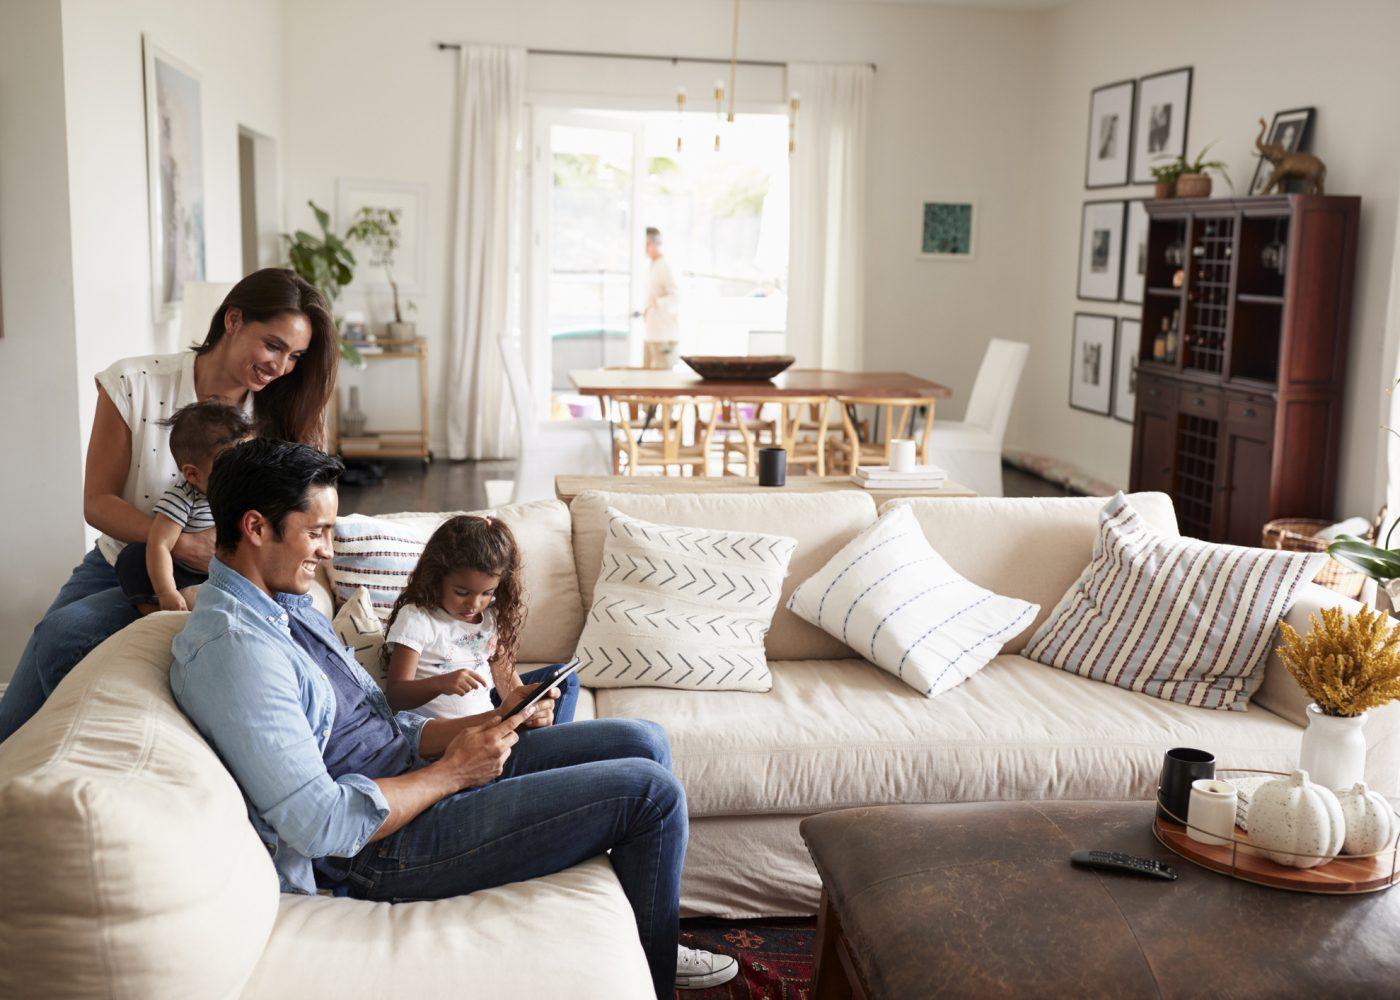 familia em casa relaxar em dia de tolerância de ponto